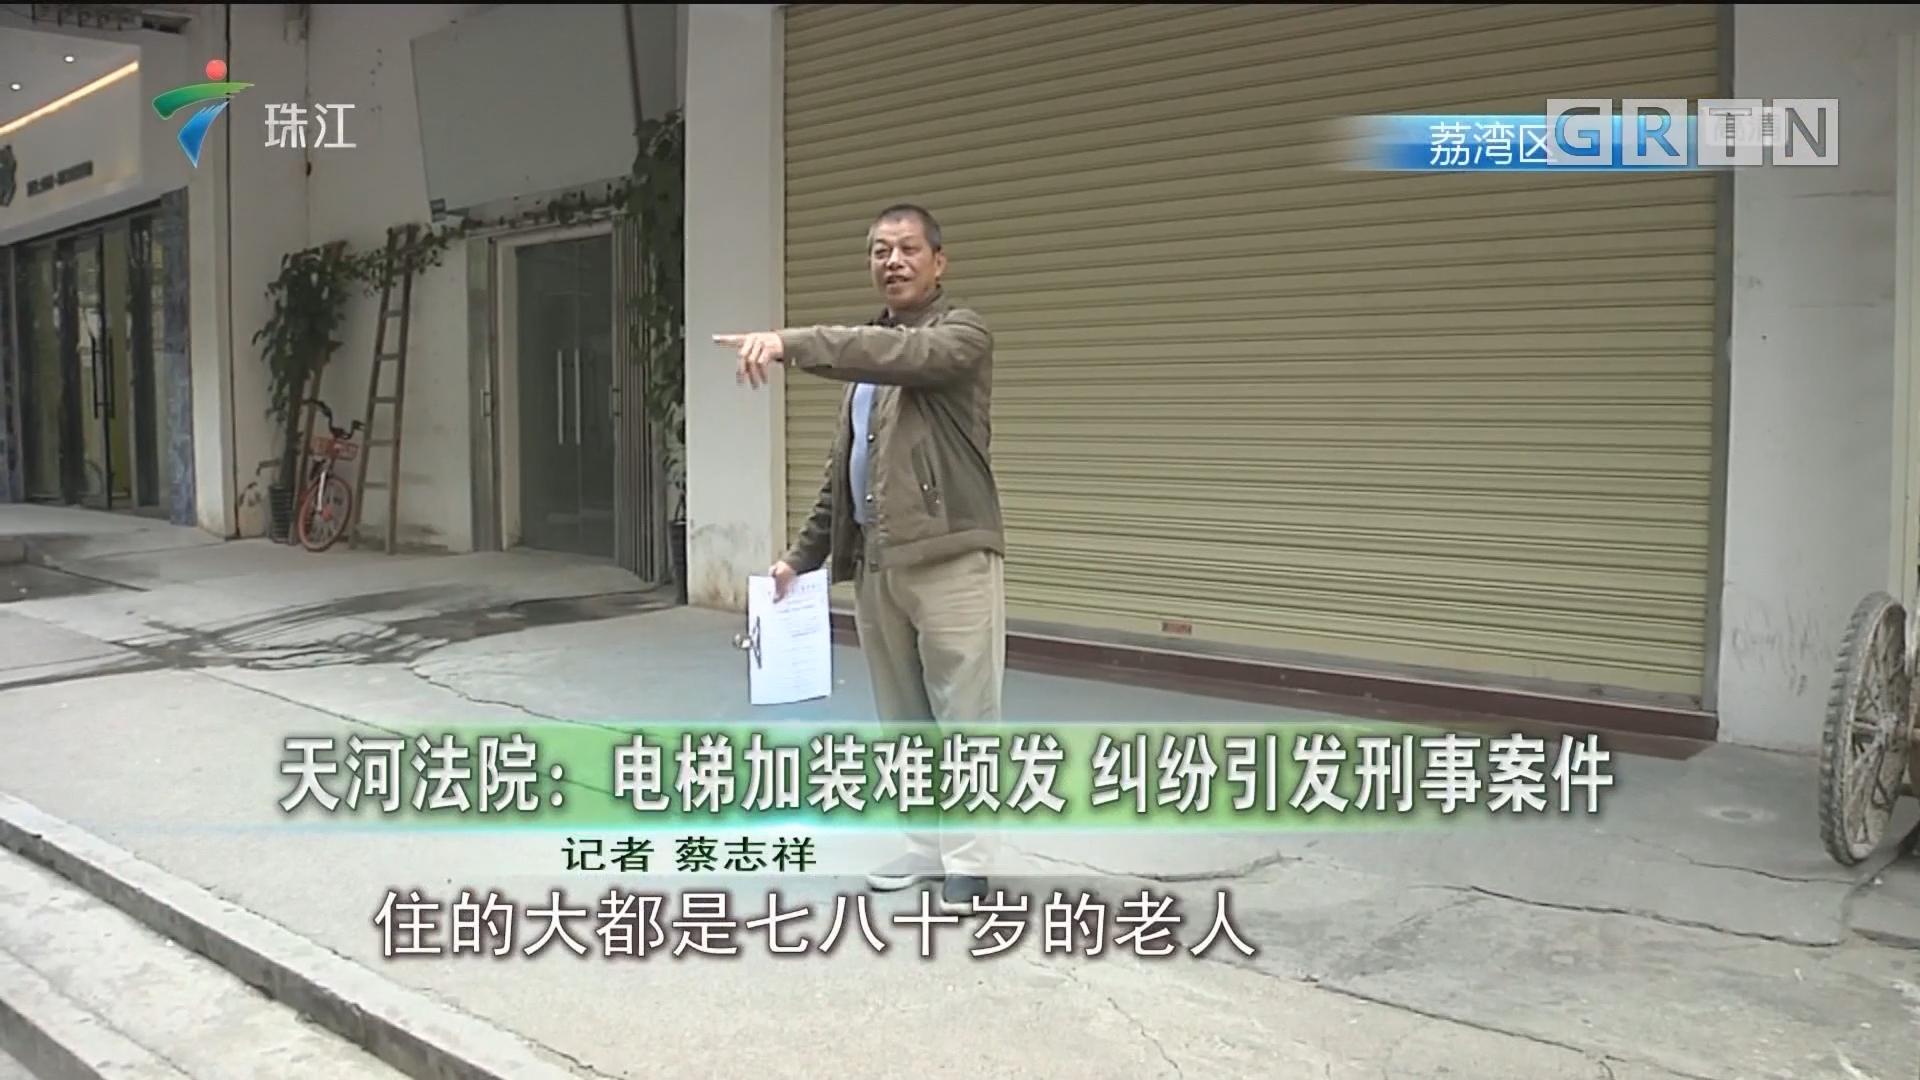 天河法院:电梯加装难频发 纠纷引发刑事案件